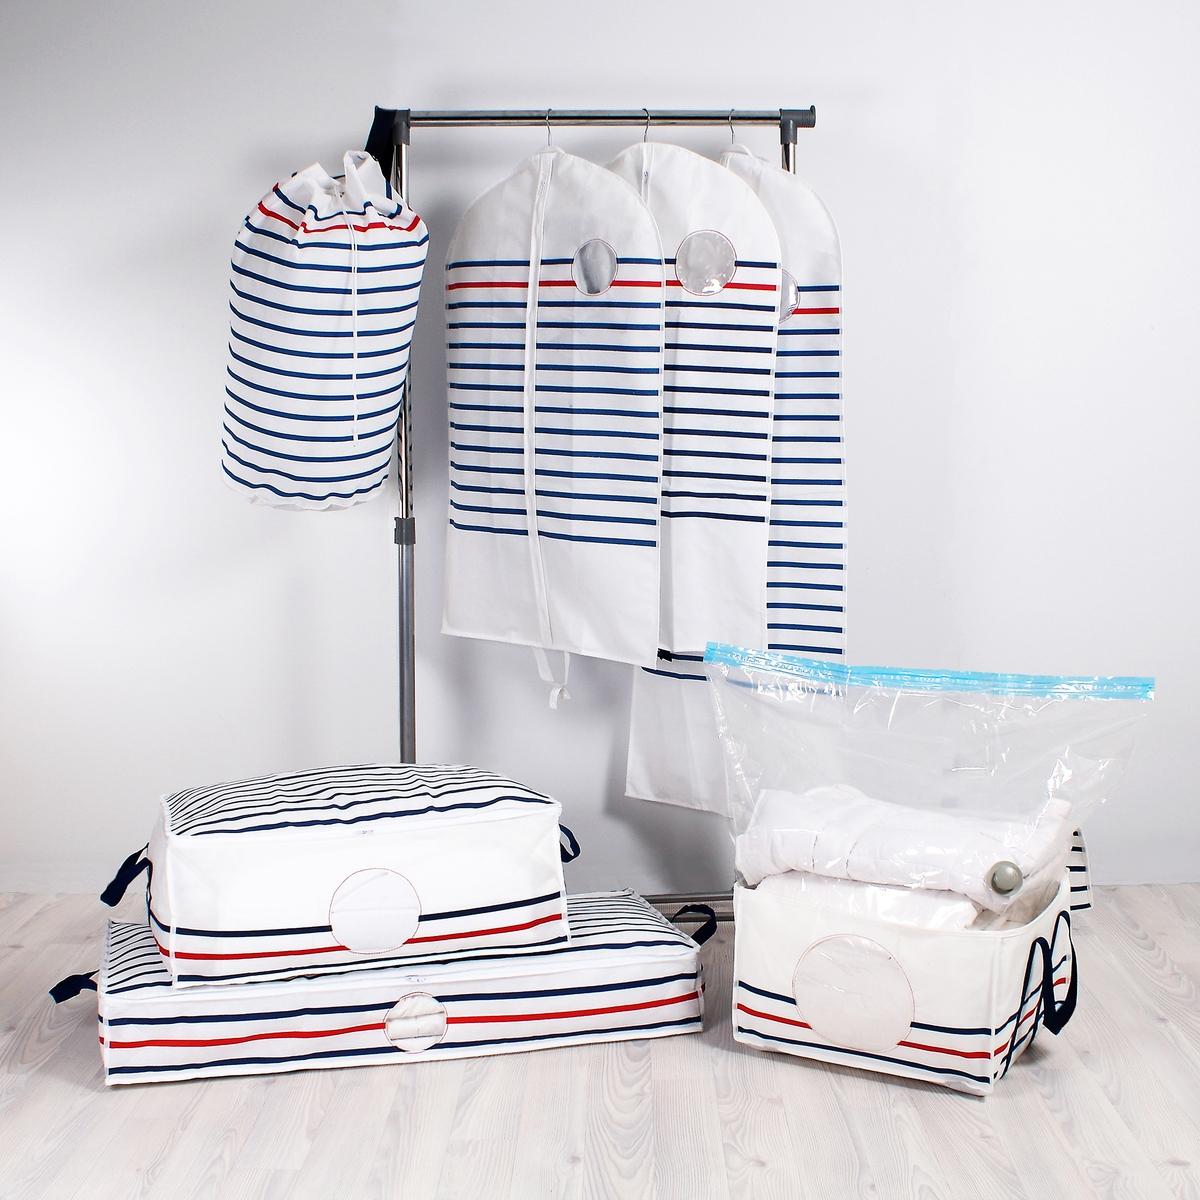 Комплект из 2 чехлов для одежды BazilХраните одежду и организуйте пространство с помощью защитных чехлов с принтом в морском стиле. Комплект из 2 чехлов. Подходят для длинной одежды. Характеристики чехла:- Нетканый, 100% полипропилена, с принтом в голубую/красную полоску на белом фоне.- 2 ручки для переноски позволяют сложить чехол вдвое, отверстие для вешалки-плечиков.- Застежка на молнию.- Прозрачная вставка.Размеры чехла:Ширина 60 см.Высота 135 см (для пальто).Найдите все чехлы для хранения Bazil на сайте laredoute.ru.<br><br>Цвет: в полоску белый/темно-синий